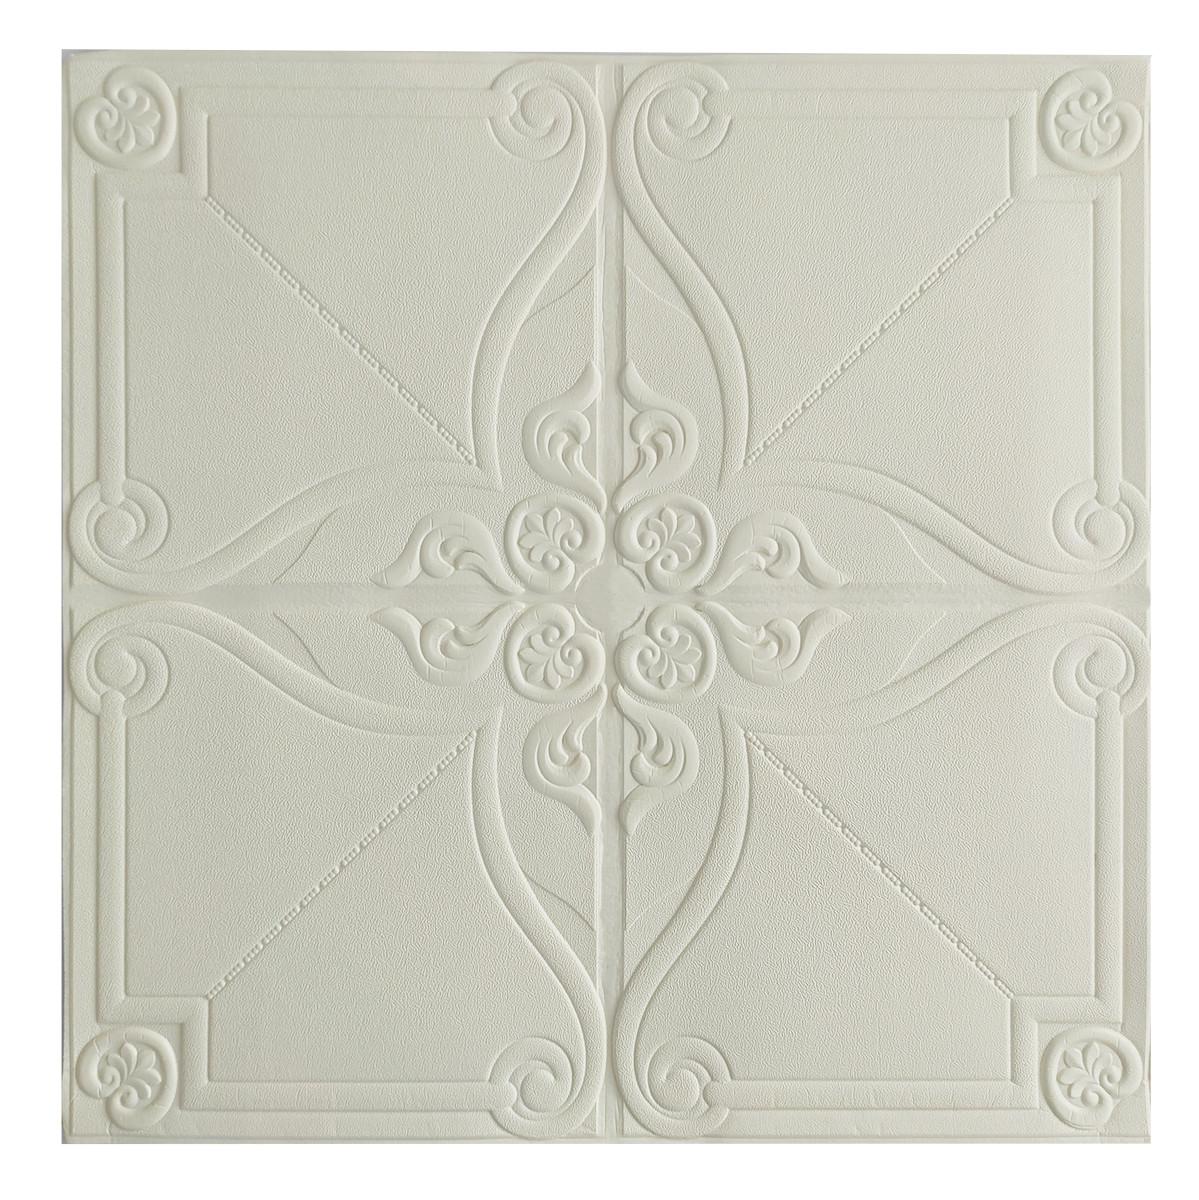 Потолочная панель ПВХ Орнамент Вензель (3Д панели самоклейка мягкая для потолка потолочная плитка 700*700*6 мм